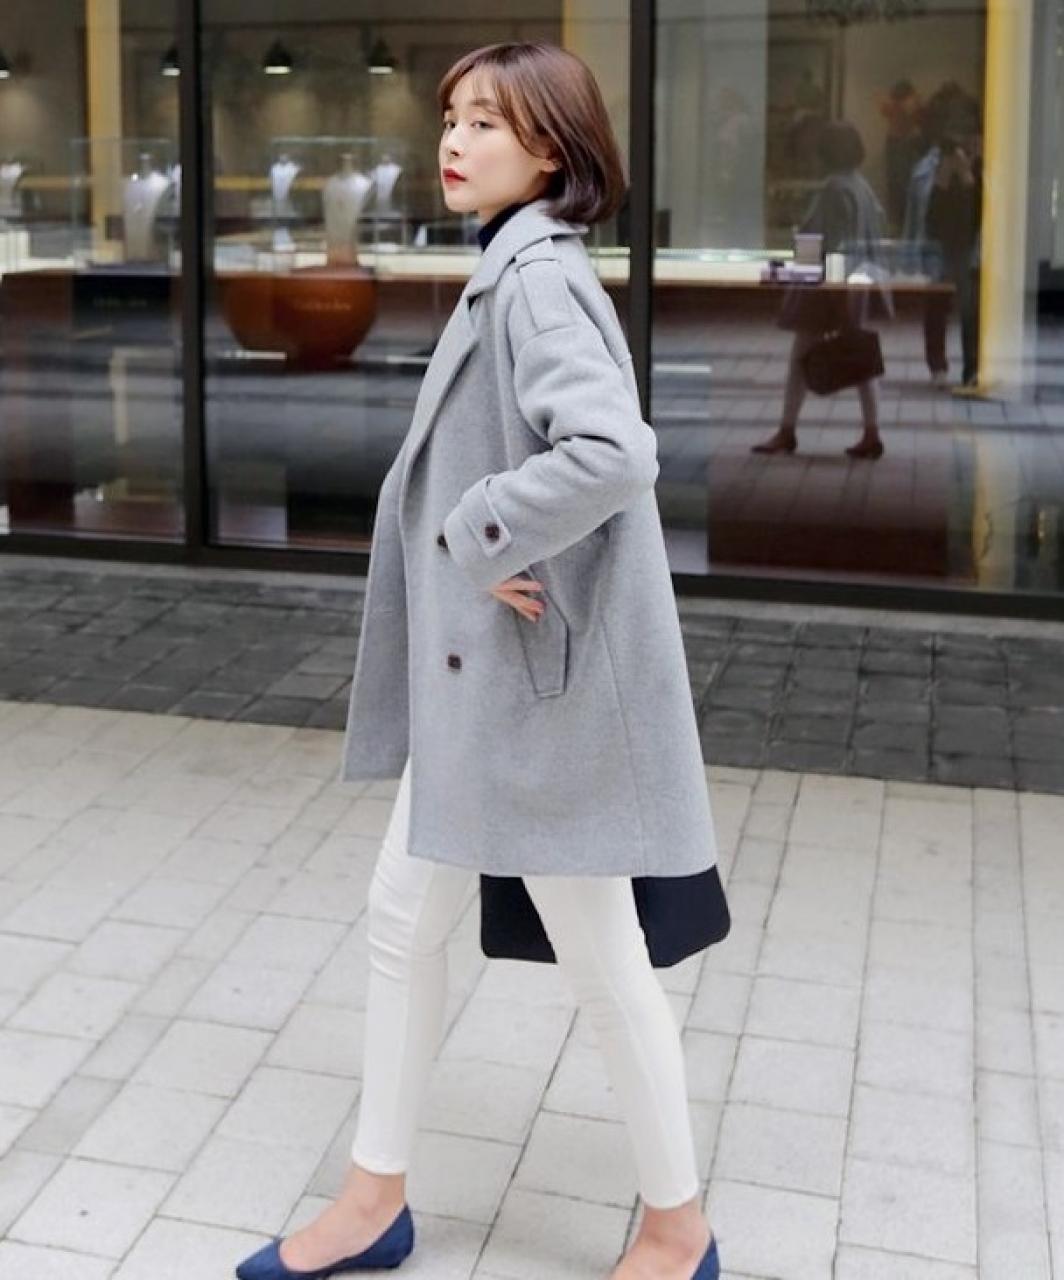 Áo khoác dạ nữ hàn quốc đẹp phong cách thời trang sành điệu thu đông 2019